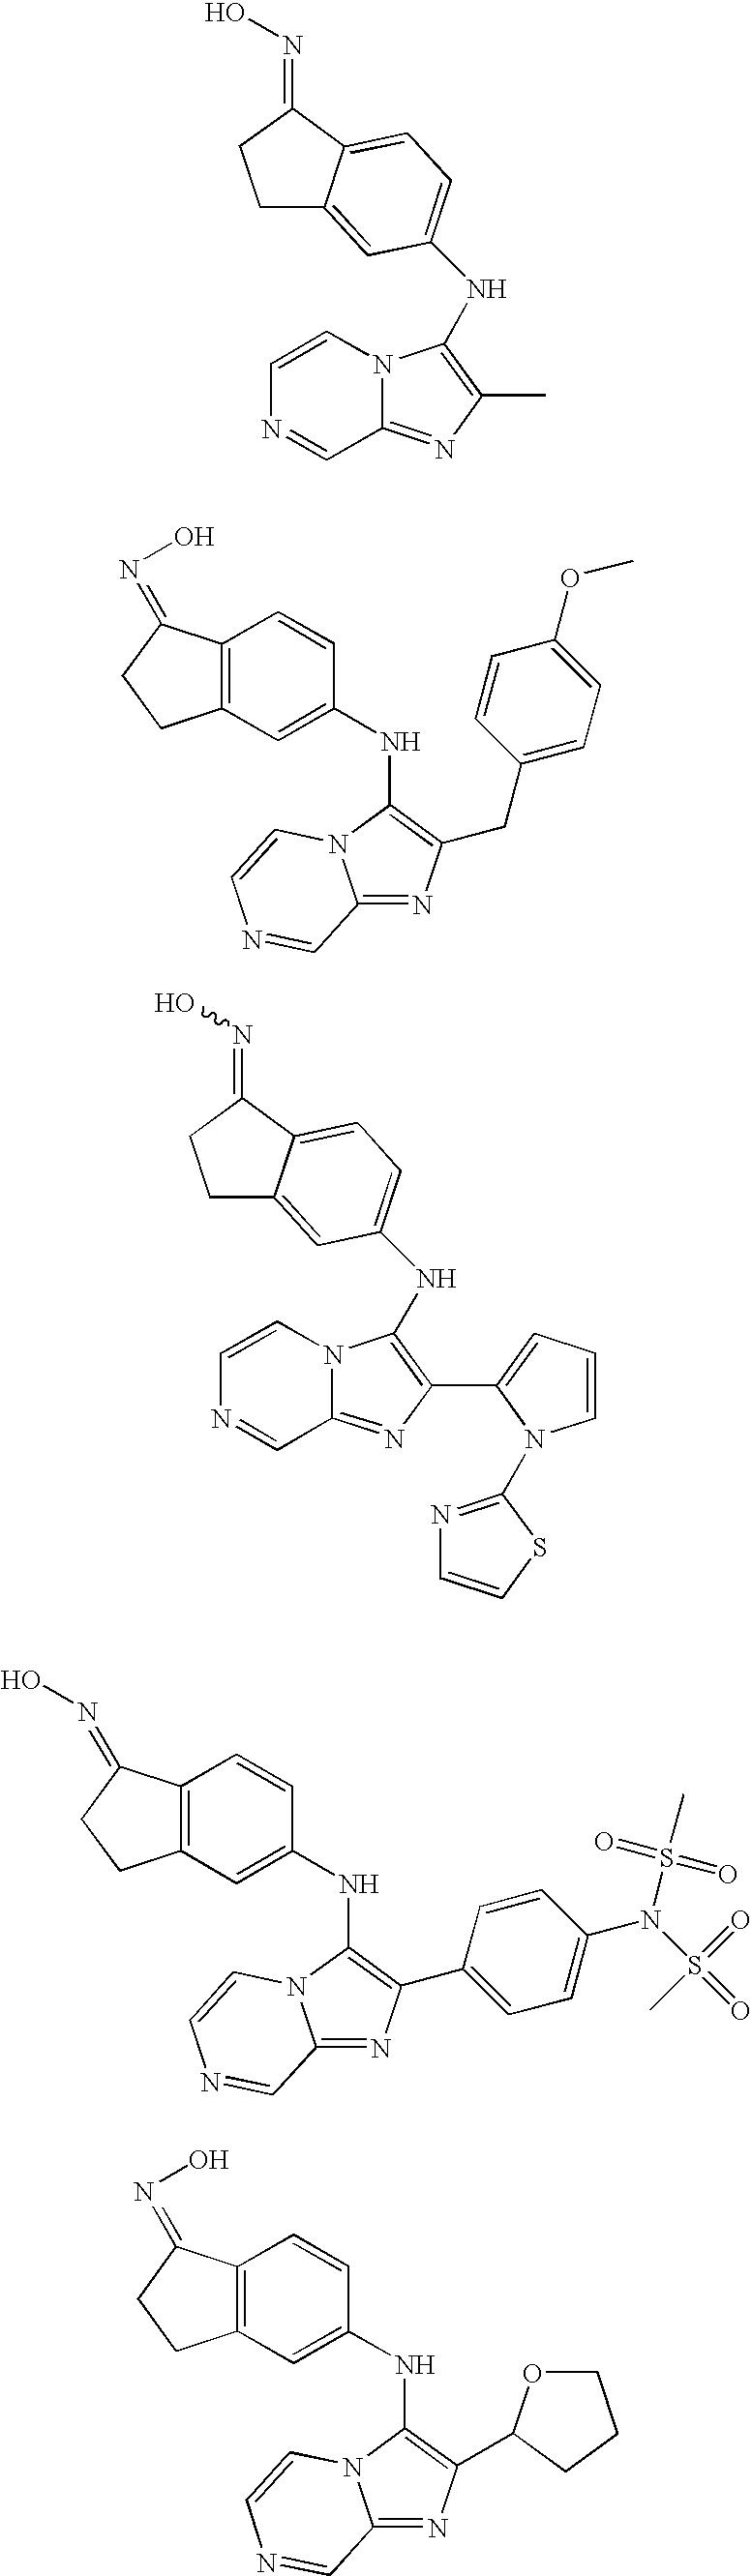 Figure US07566716-20090728-C00153